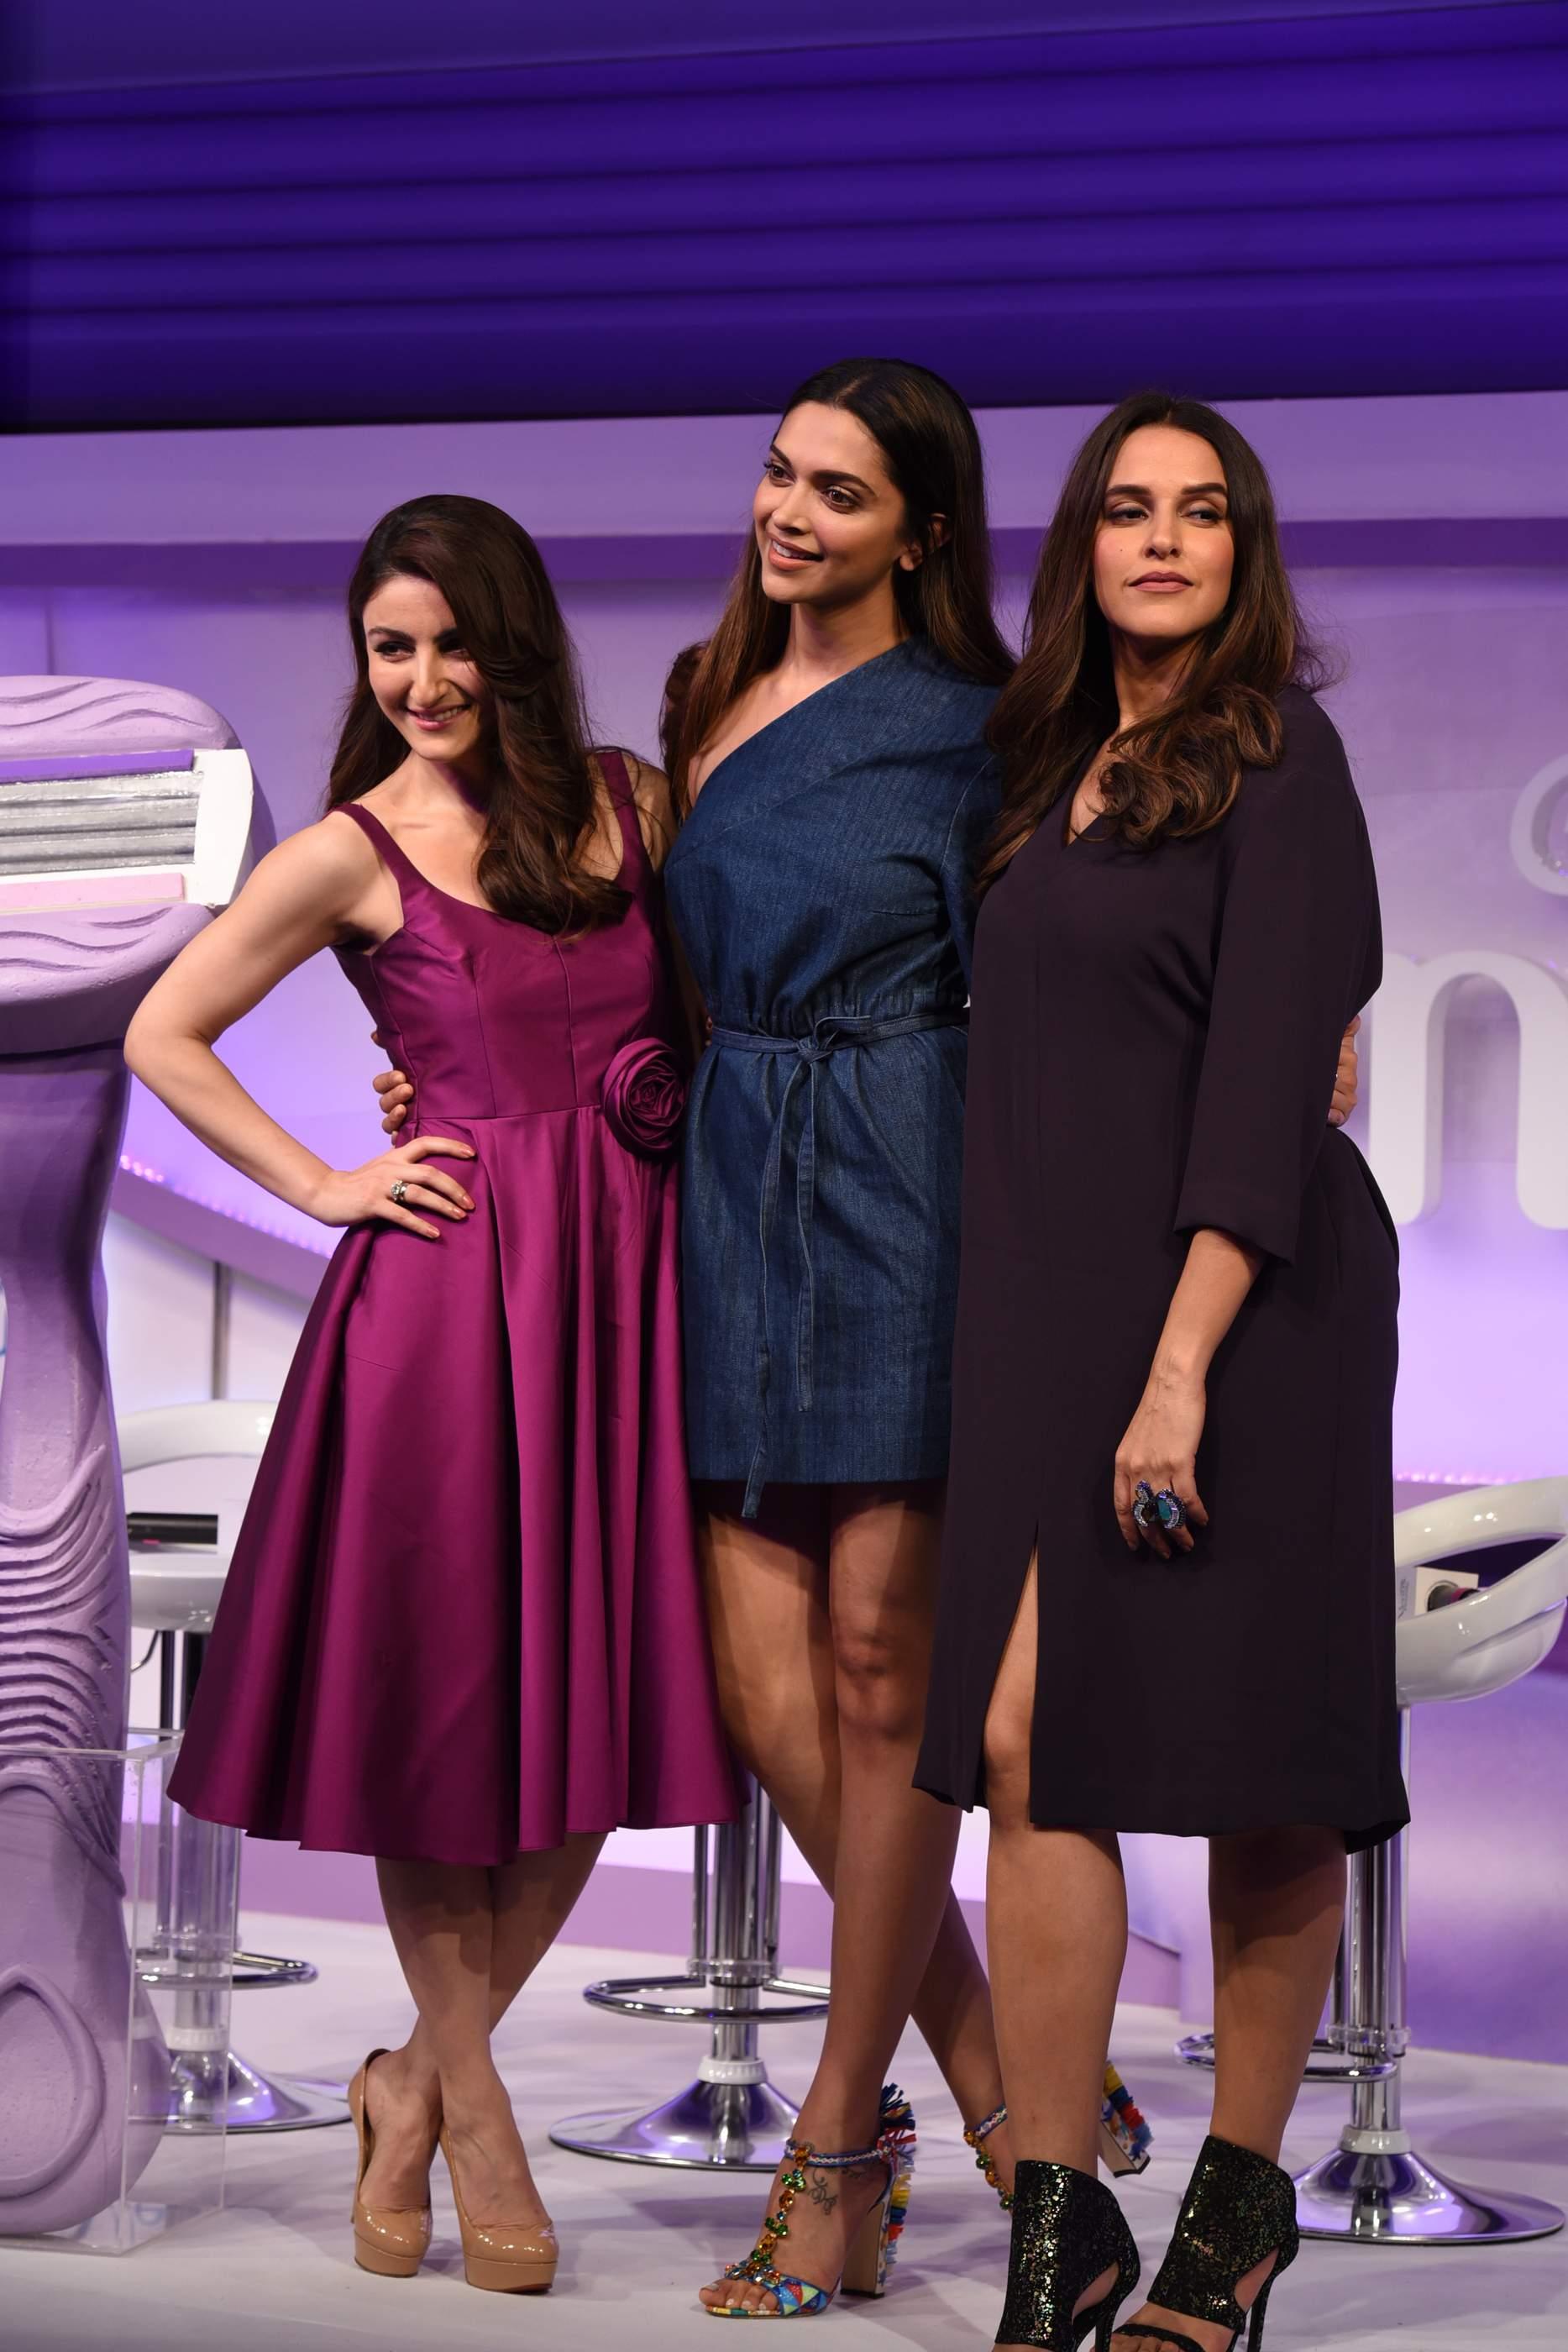 Beautiful Deepika Padukone, Soha Ali Khan & Neha Dhupia Beautiful Deepika Padukone, Soha Ali Khan & Neha Dhupia Gilette 132